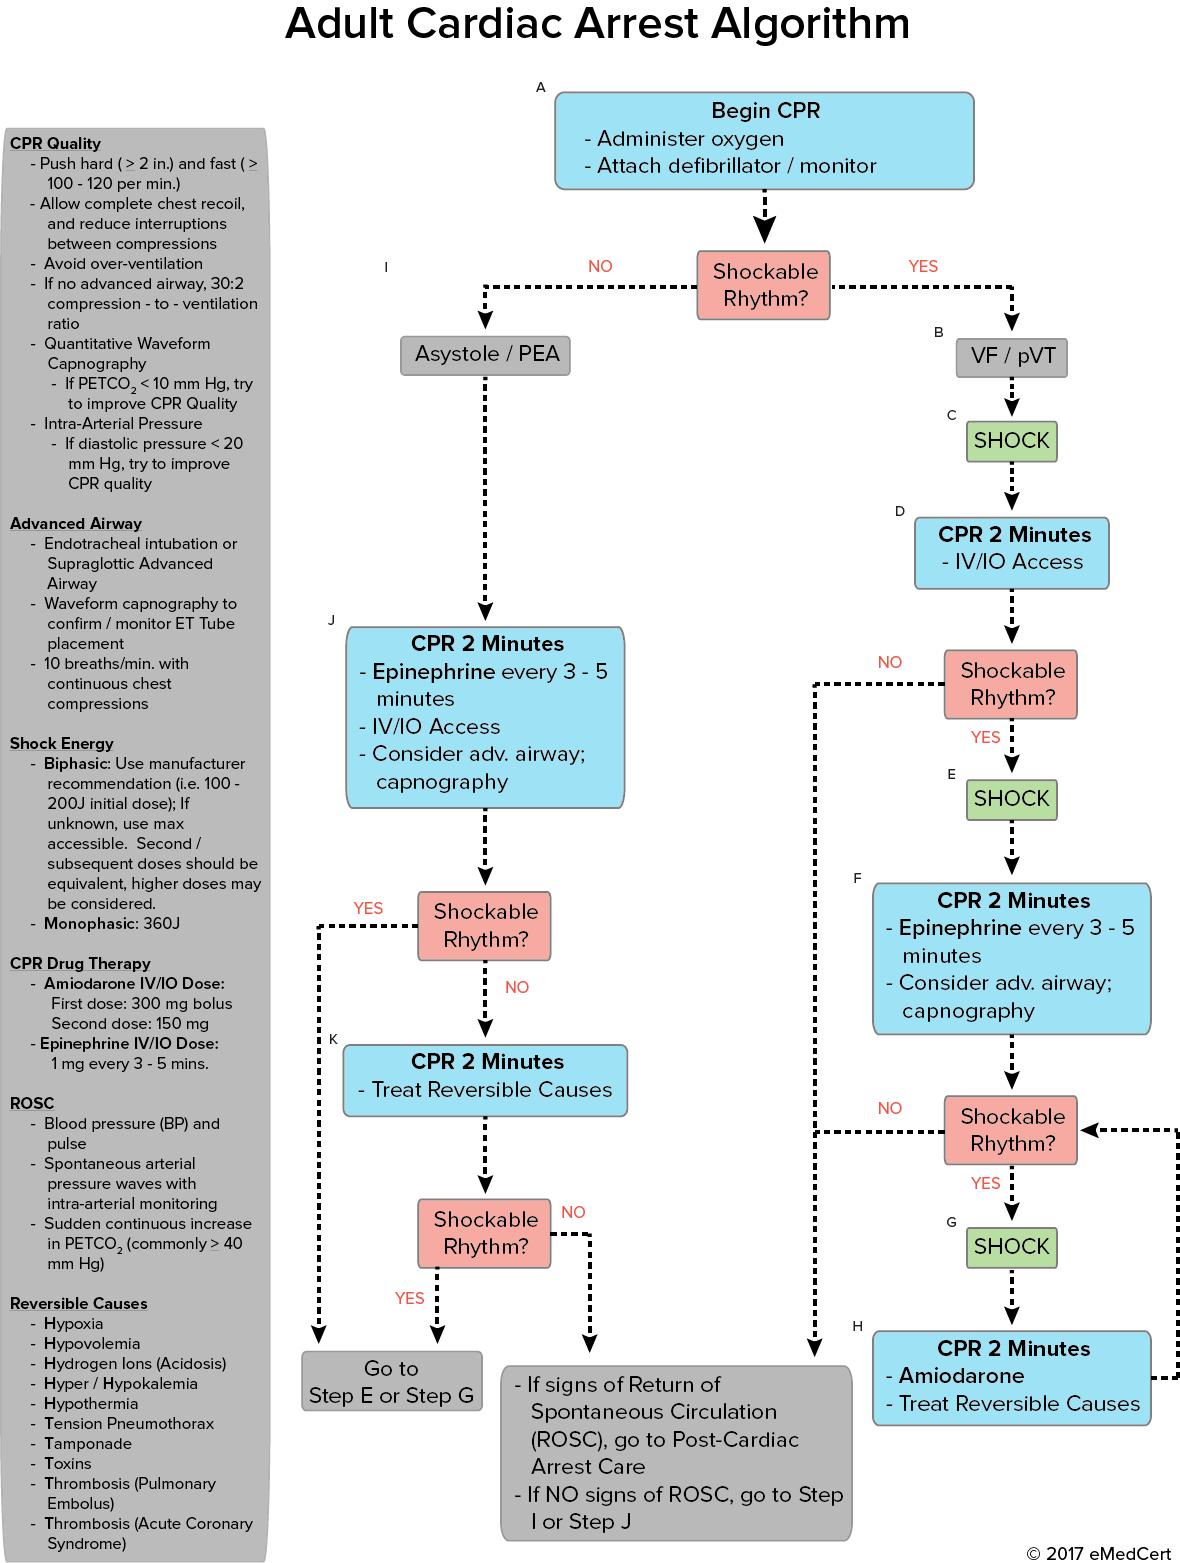 acls algorithm pdf